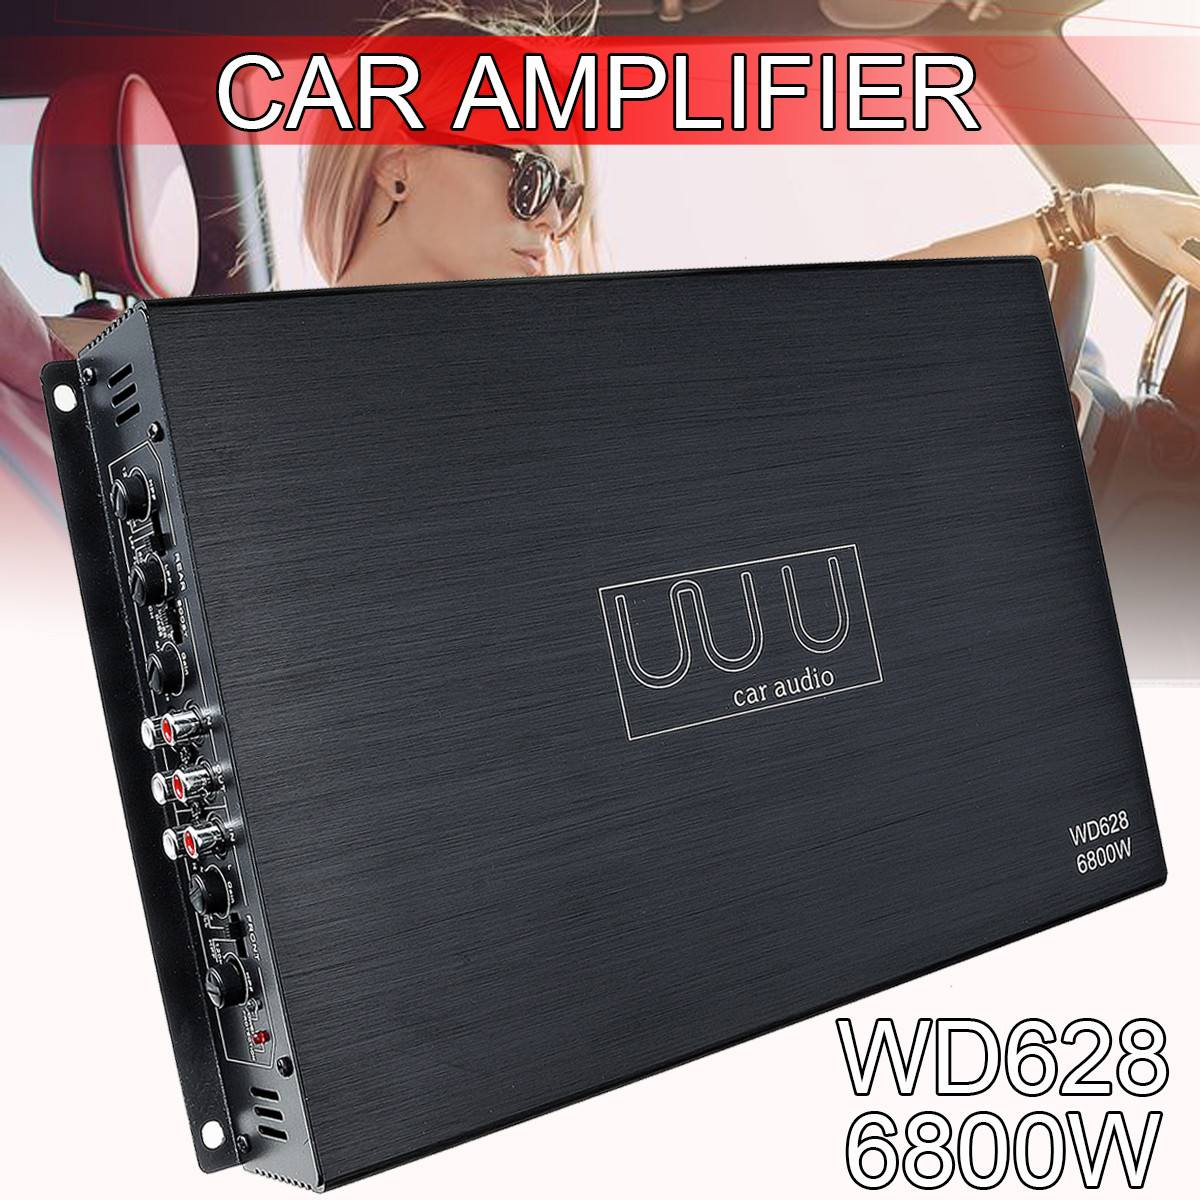 DC 12V 6800 Watt 4 Channel Car Amplifier Audio Stereo Bass Speaker Car Audio Amplifiers Subwoofer